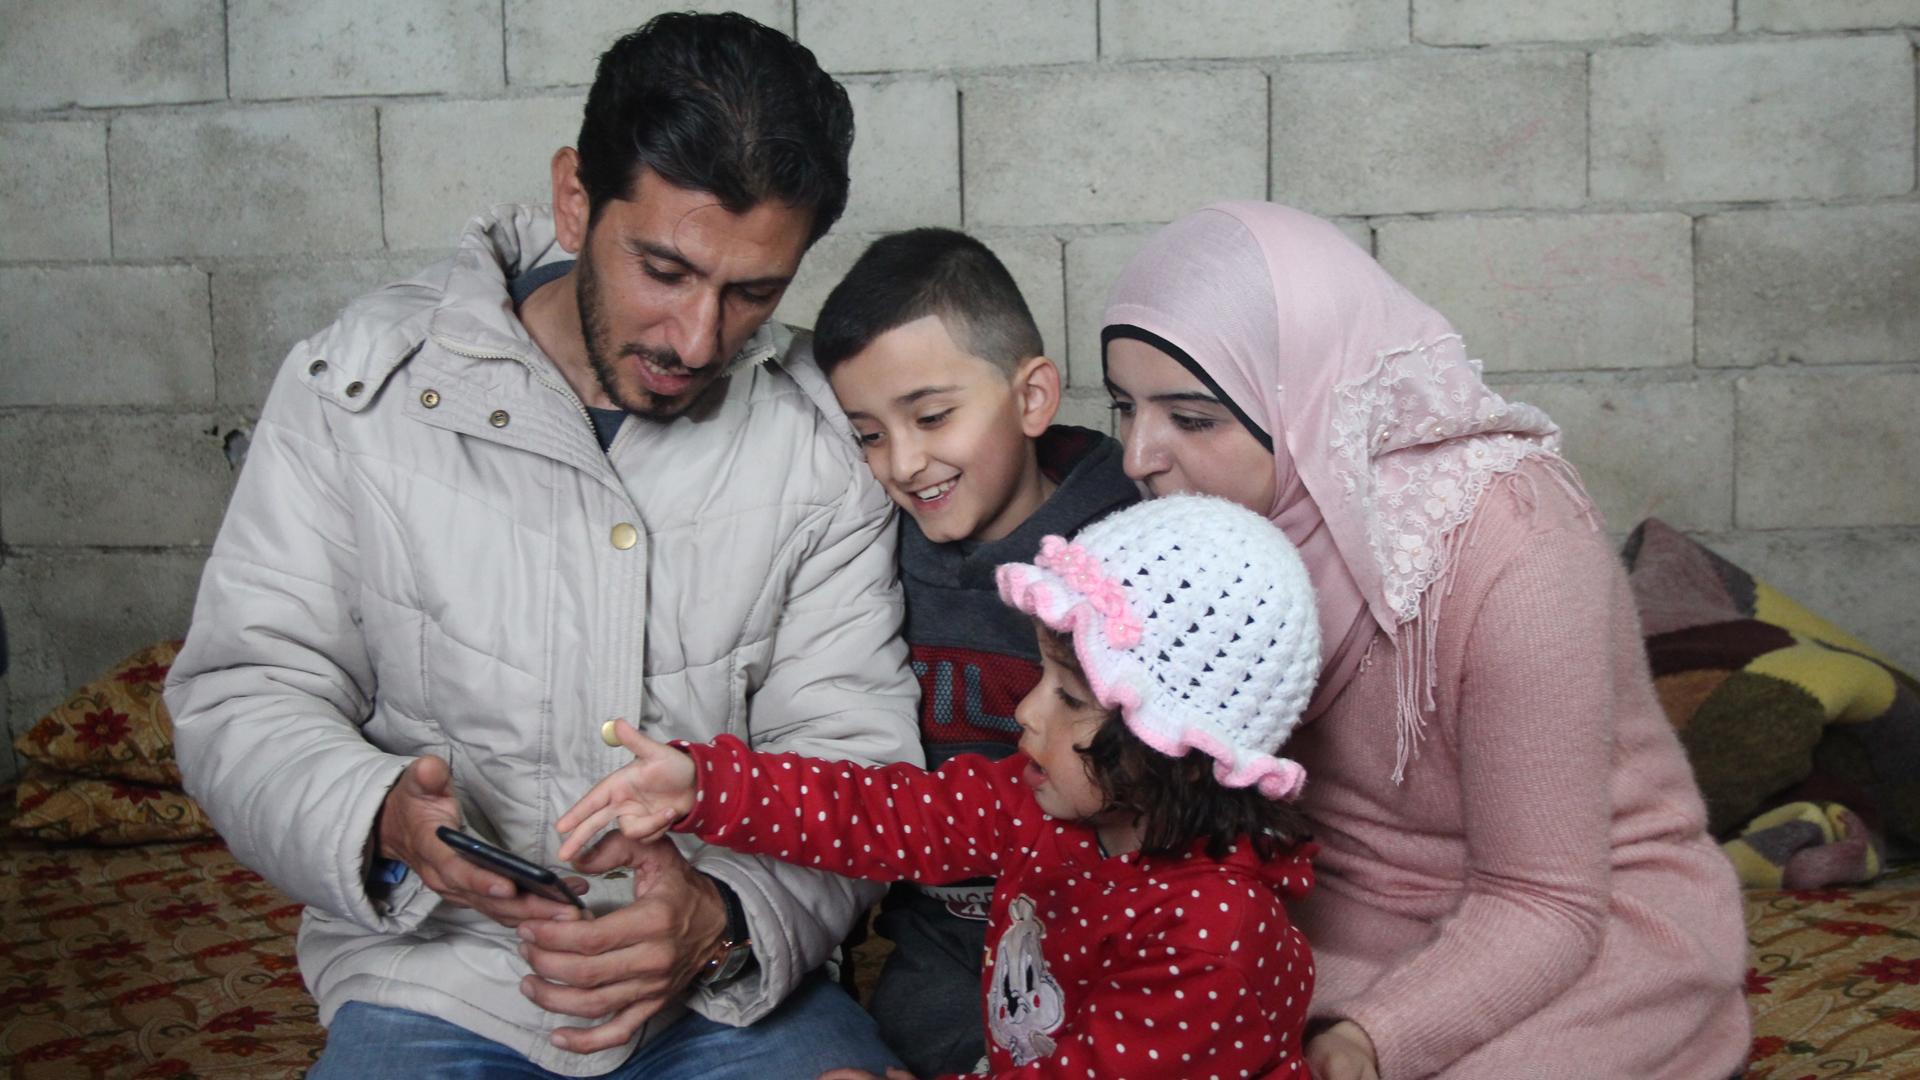 Una de las últimas fotos de Abdulaziz y su familia en Líbano, el país en el que se refugiaron antes de partir hacia Argentina. Foto: JSM.